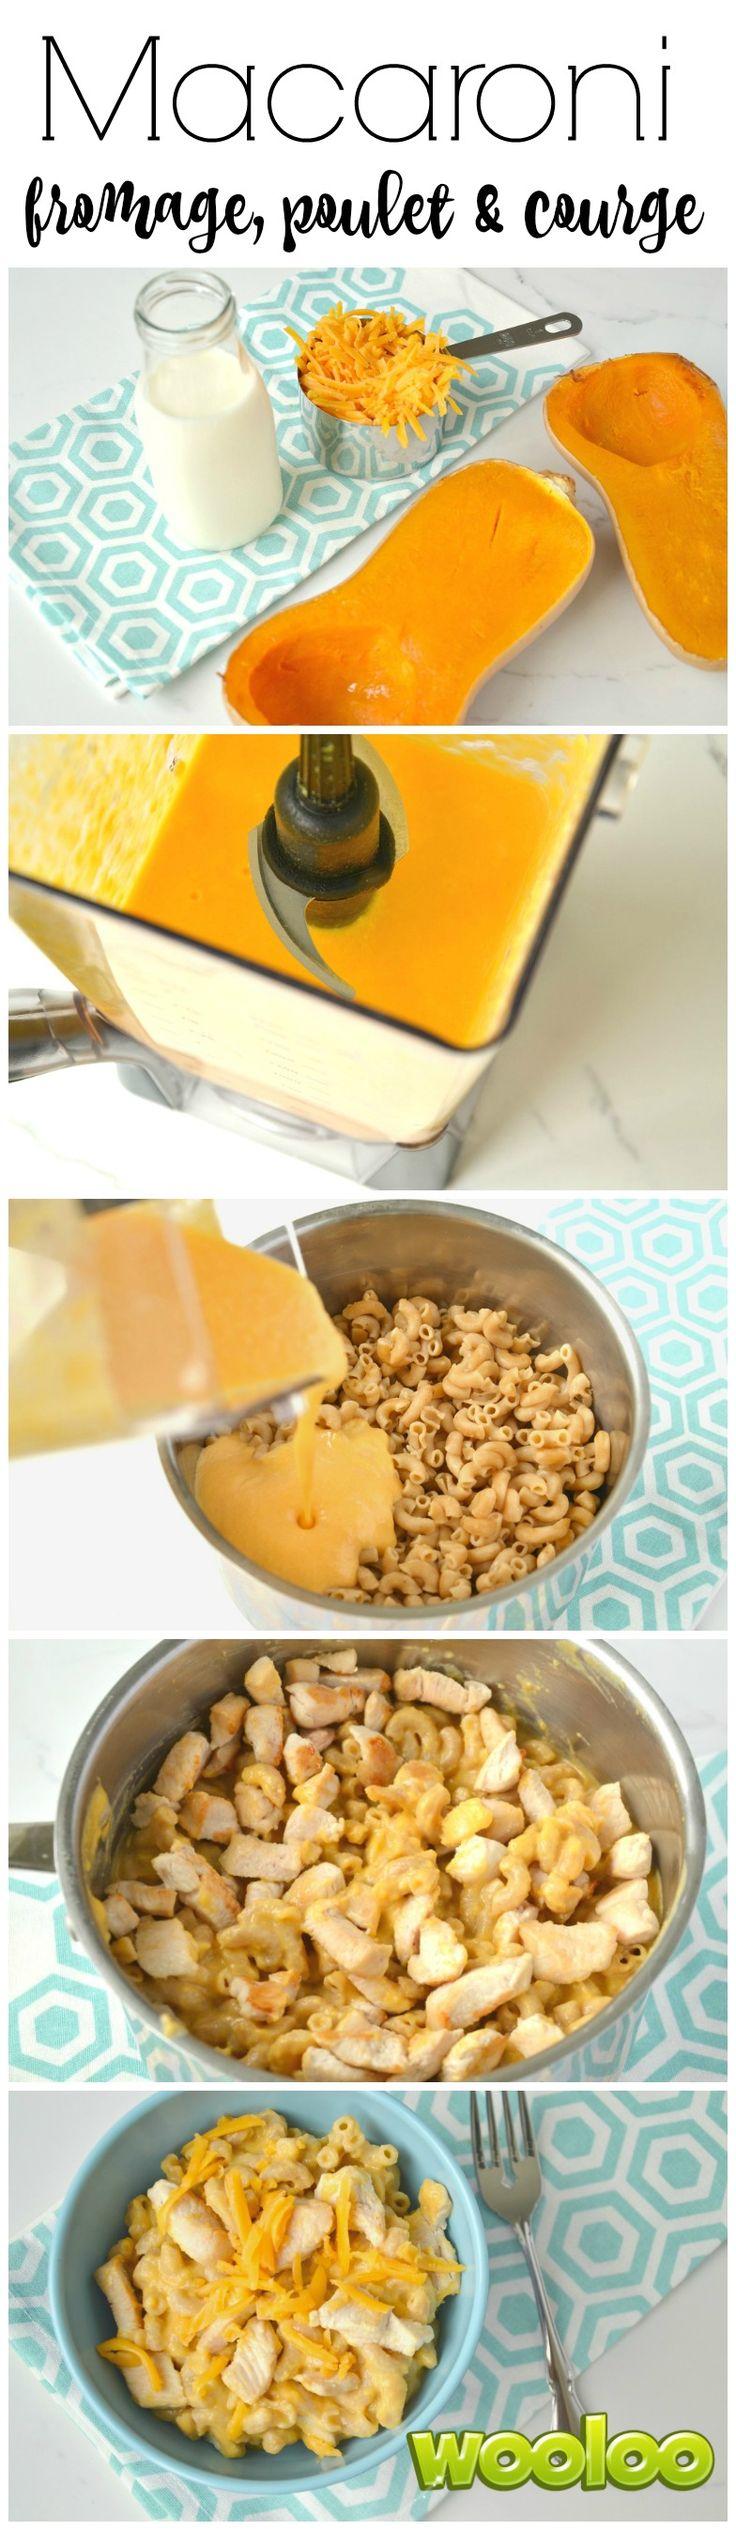 Voici donc une recette vitaminée que vos enfants vont adorer. Profitez des légumes et du poulet d'ici avec un Macaroni au fromage, au poulet et à la courge butternut.